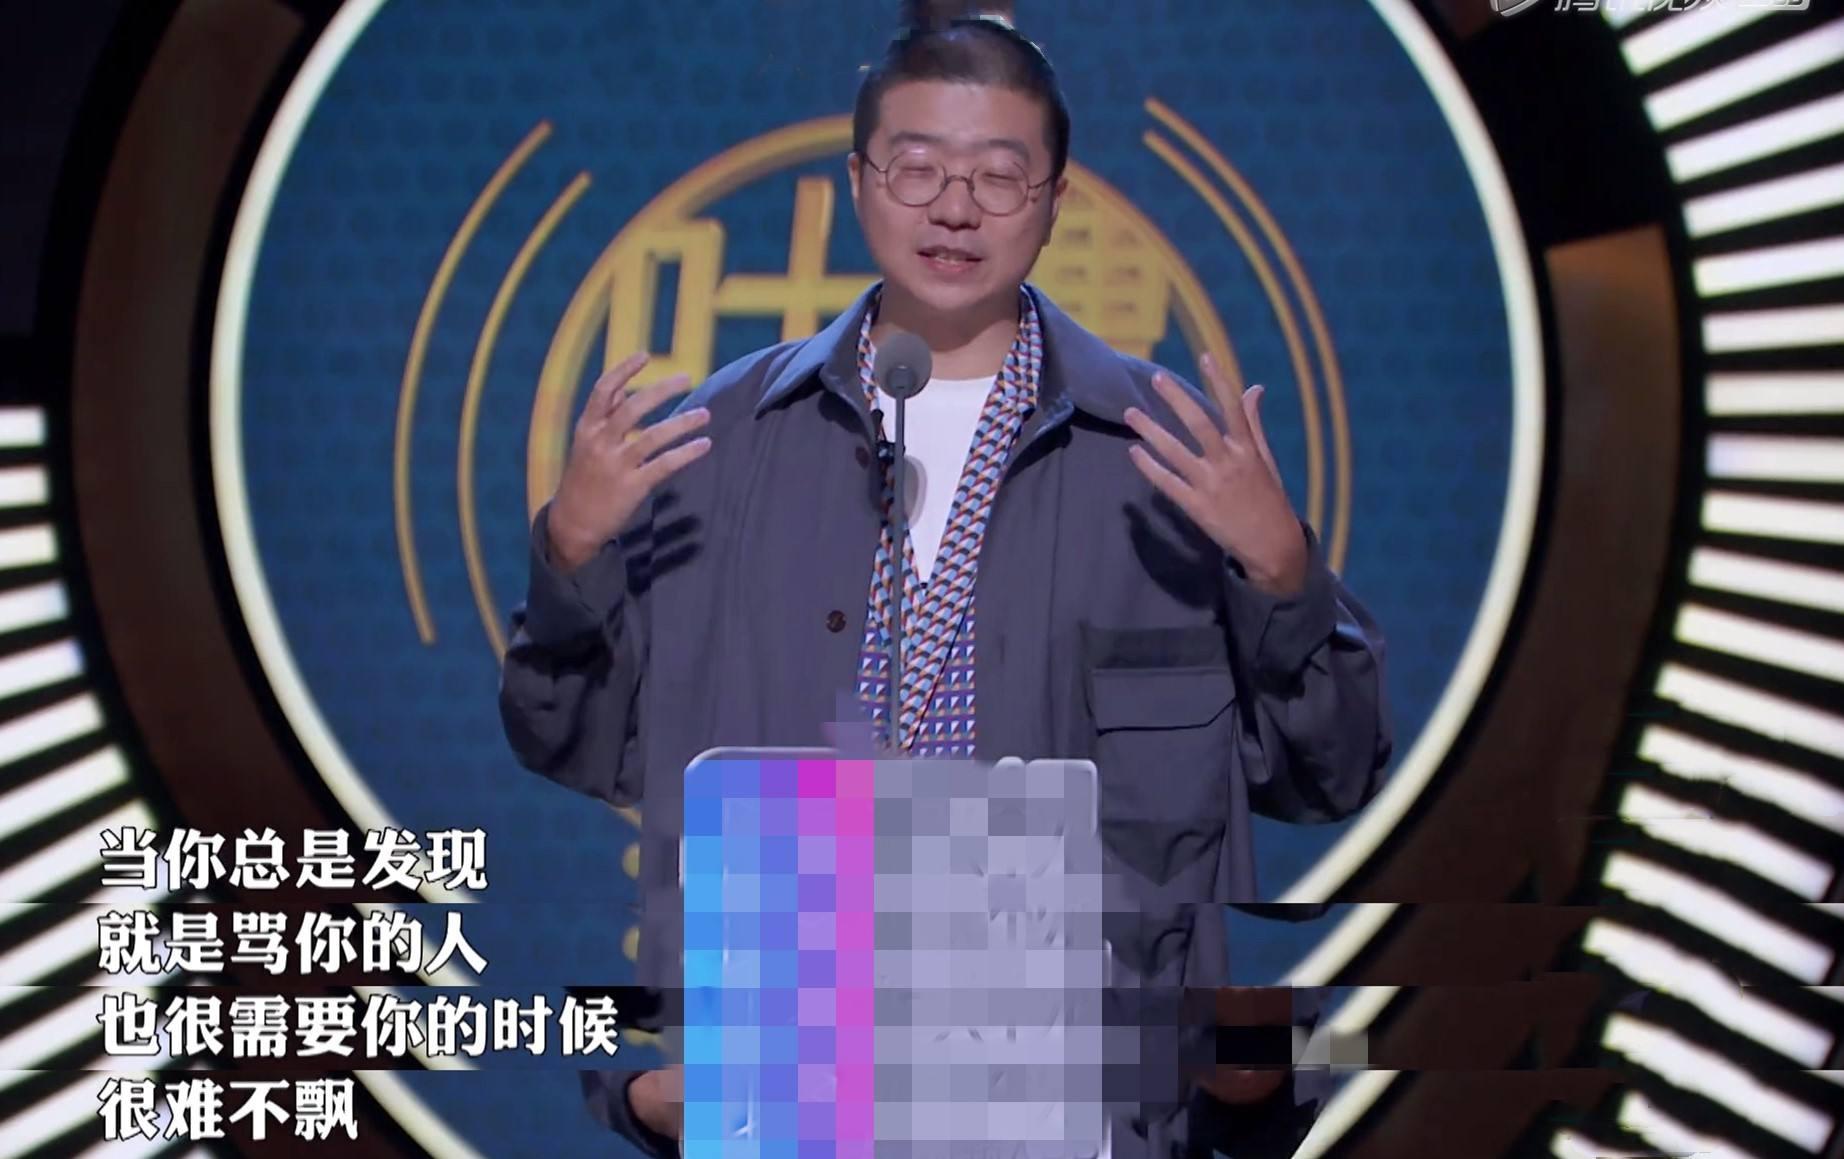 吐槽大会出品方被列为被执行人 李诞和王思聪竟是股东!